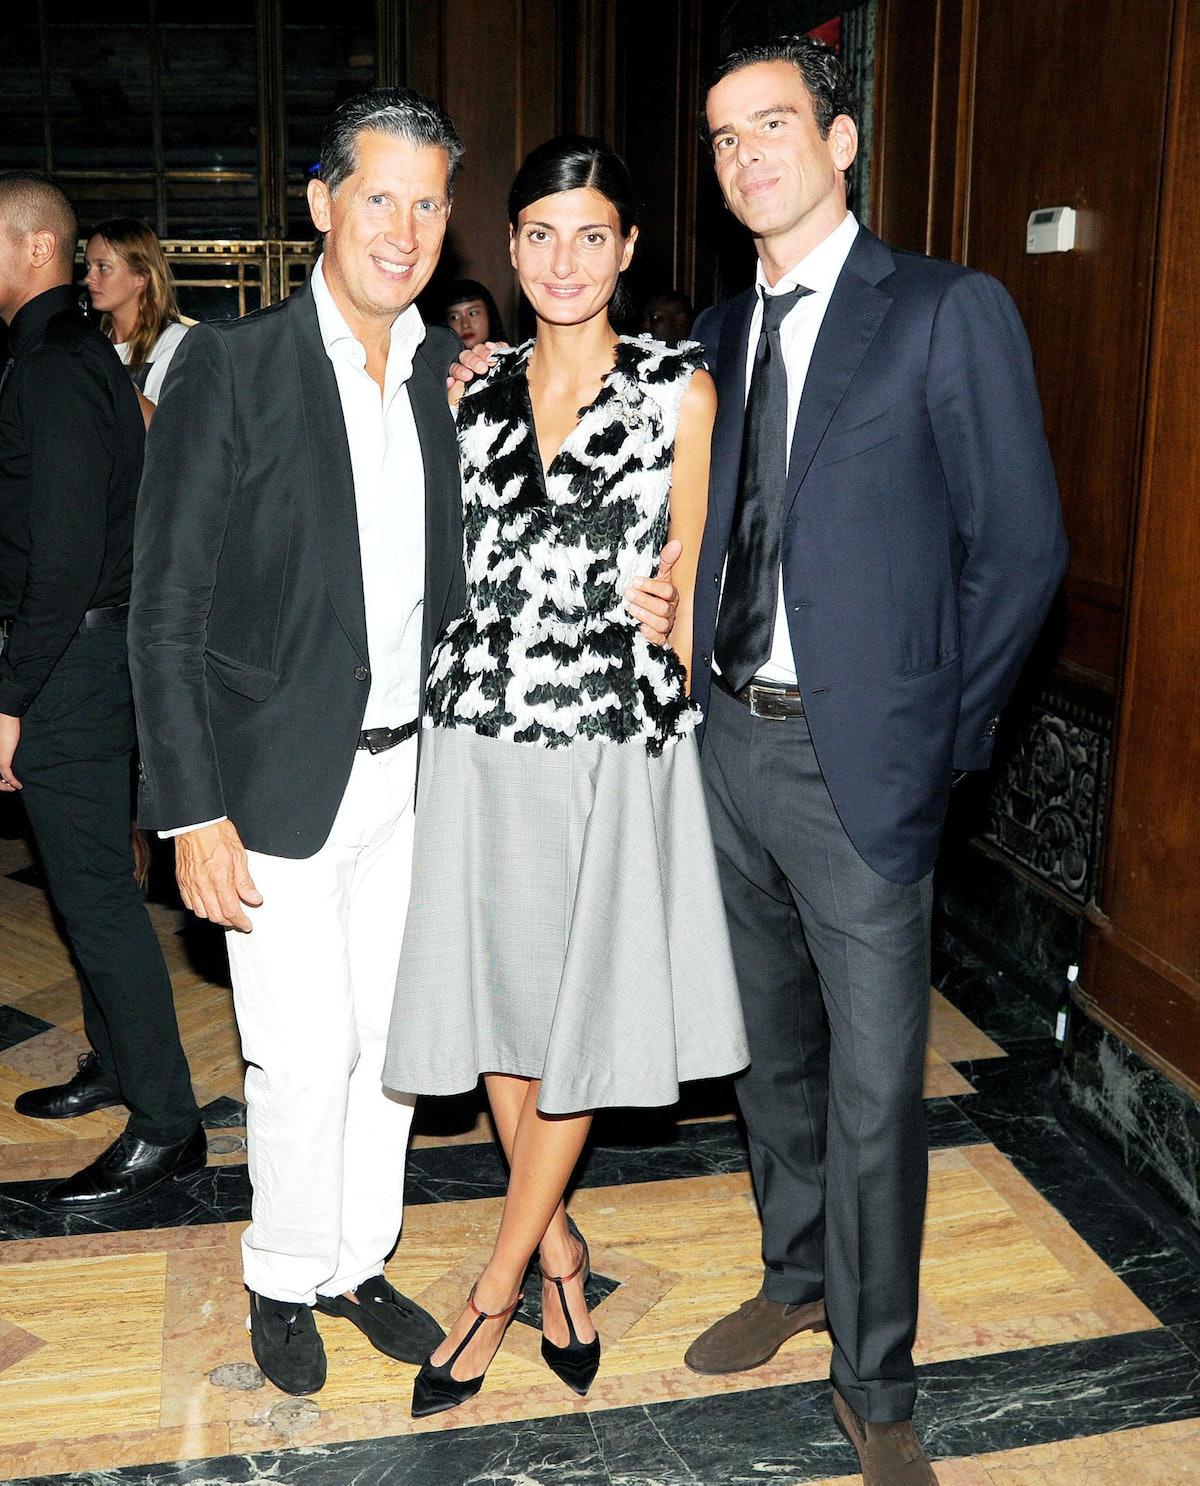 Stefano Tonchi, Giovanna Battaglia, and Chris Brainard